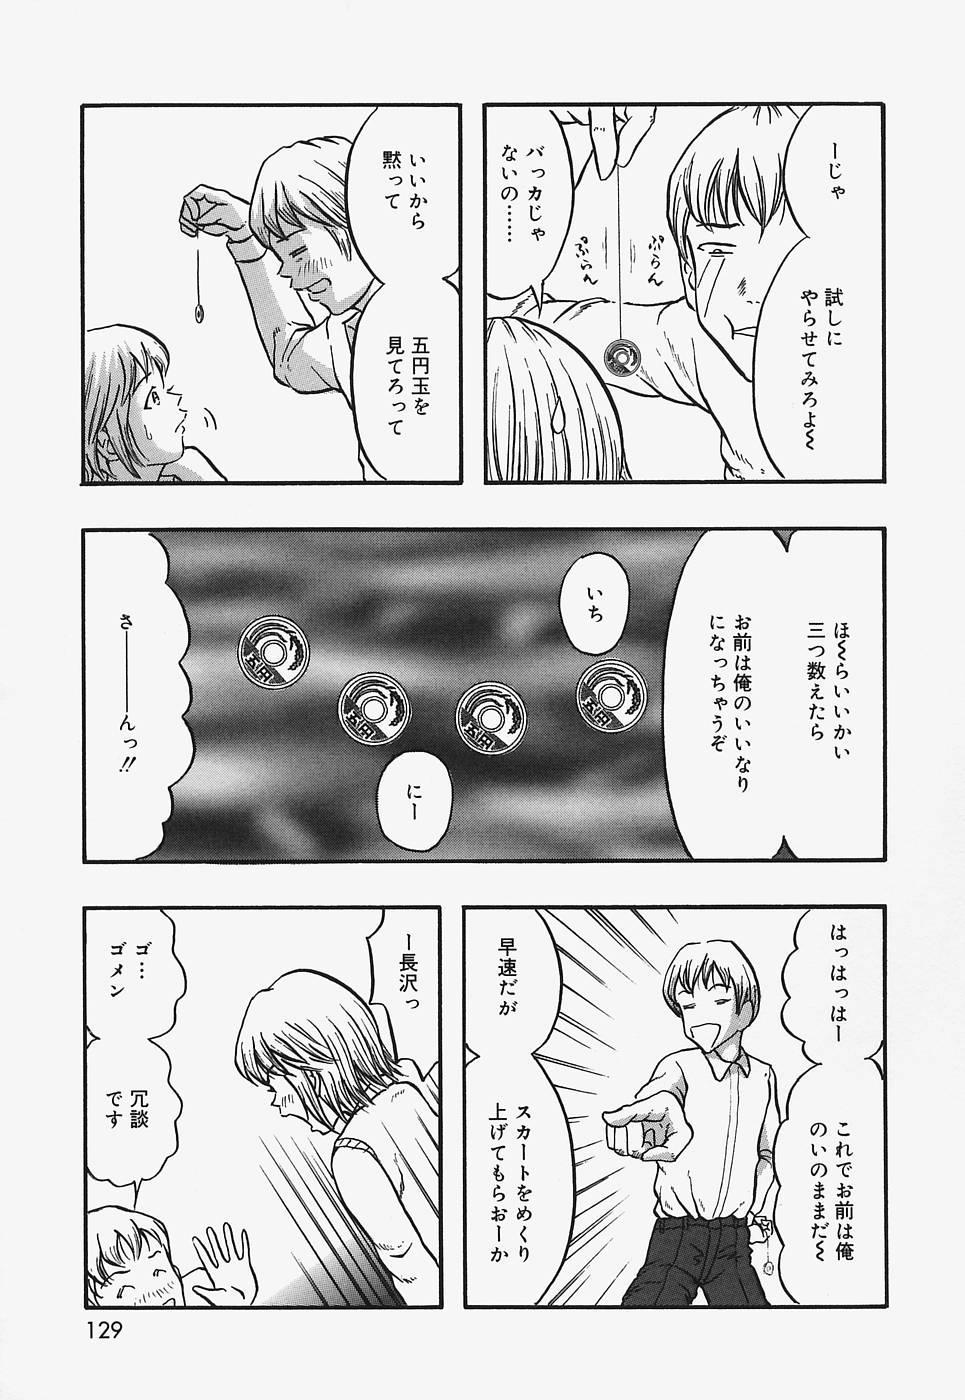 Nurunuru Syoujyo Jiru 128